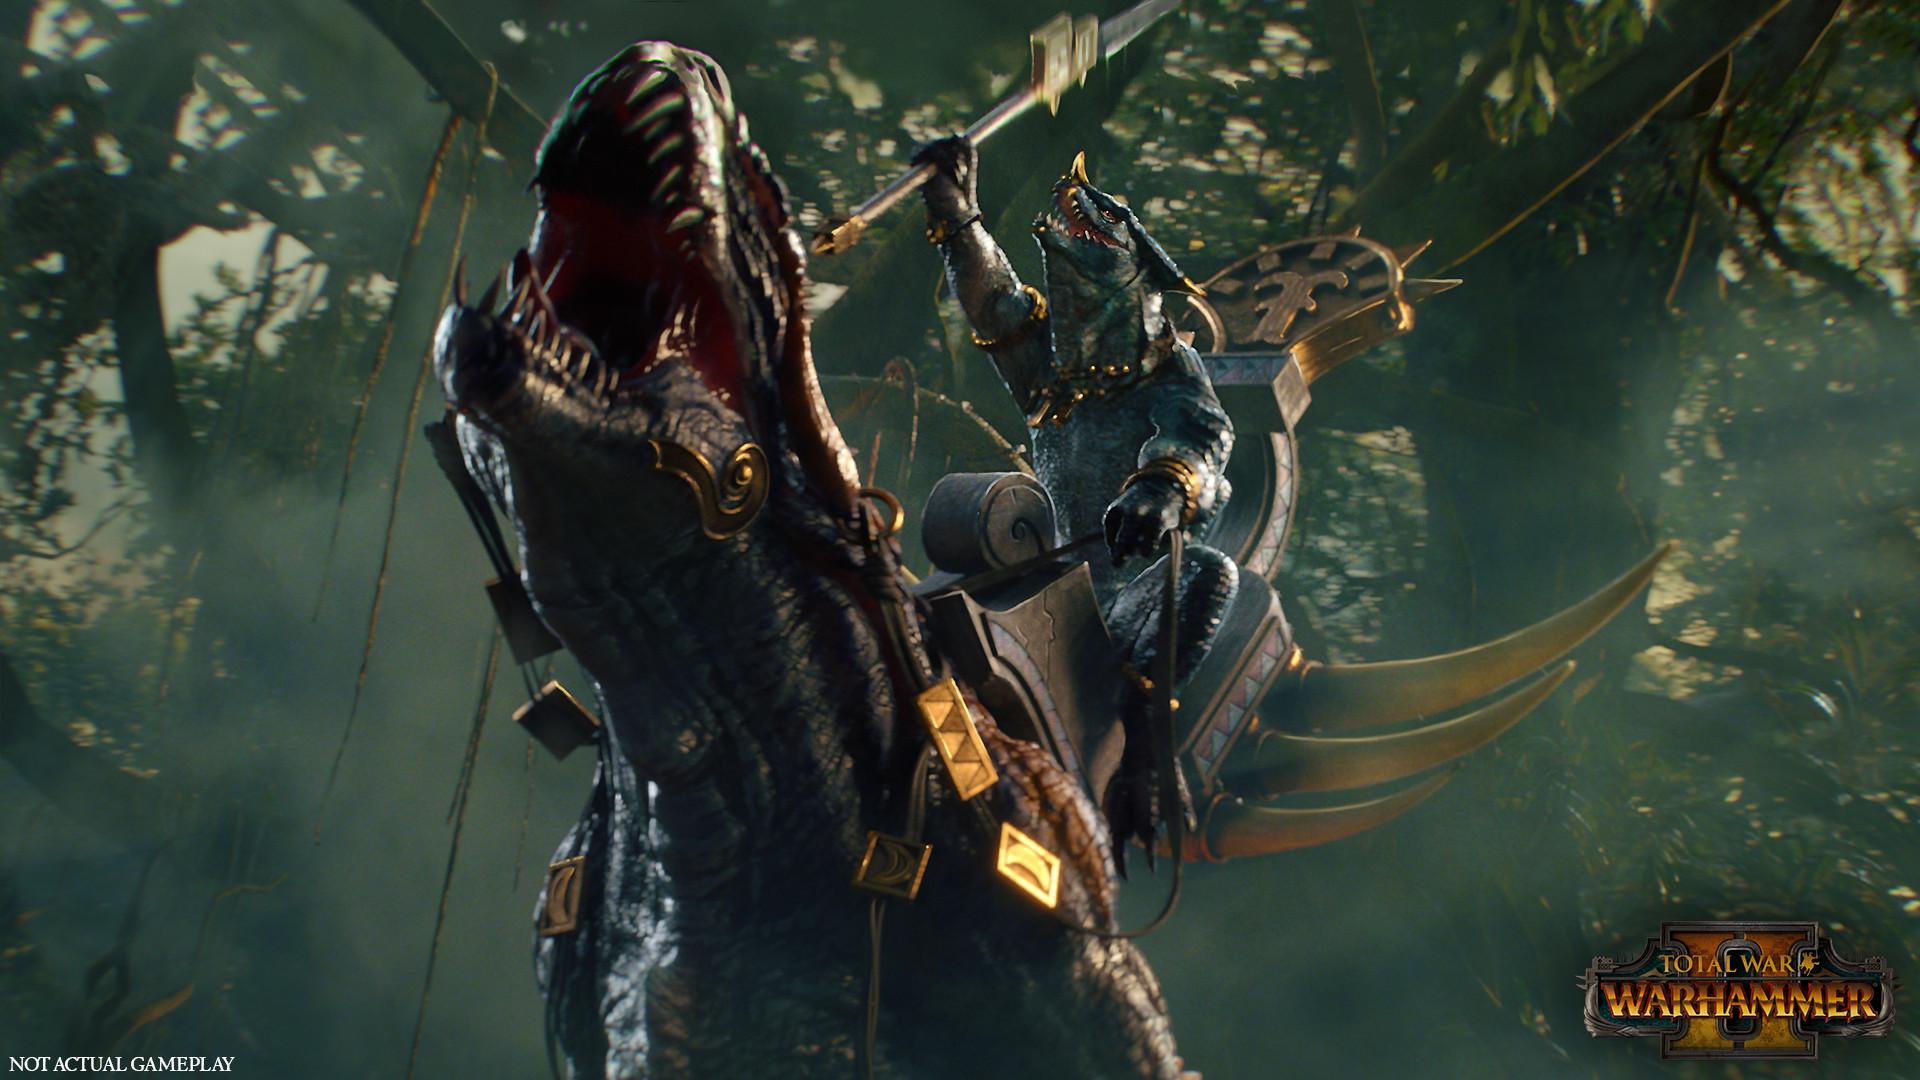 Už koncem roku vyjde Total War: Warhammer 2 141330